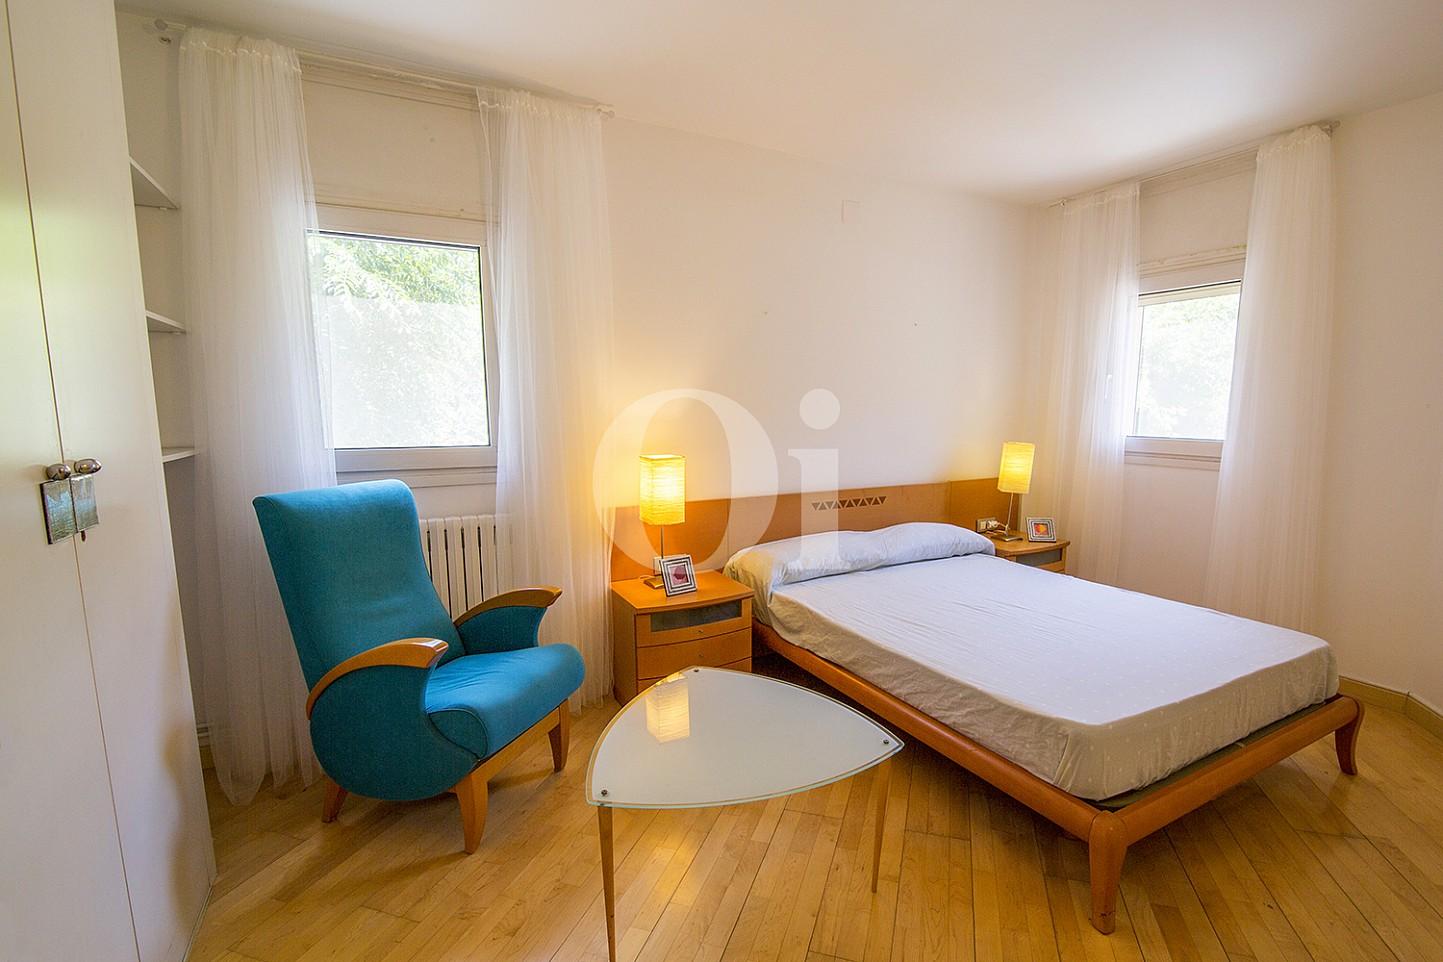 Luminosa habitación doble con cama matrimonial y vistas exteriores en sensacional casa en venta situada en Vila Olimpica, Barcelona